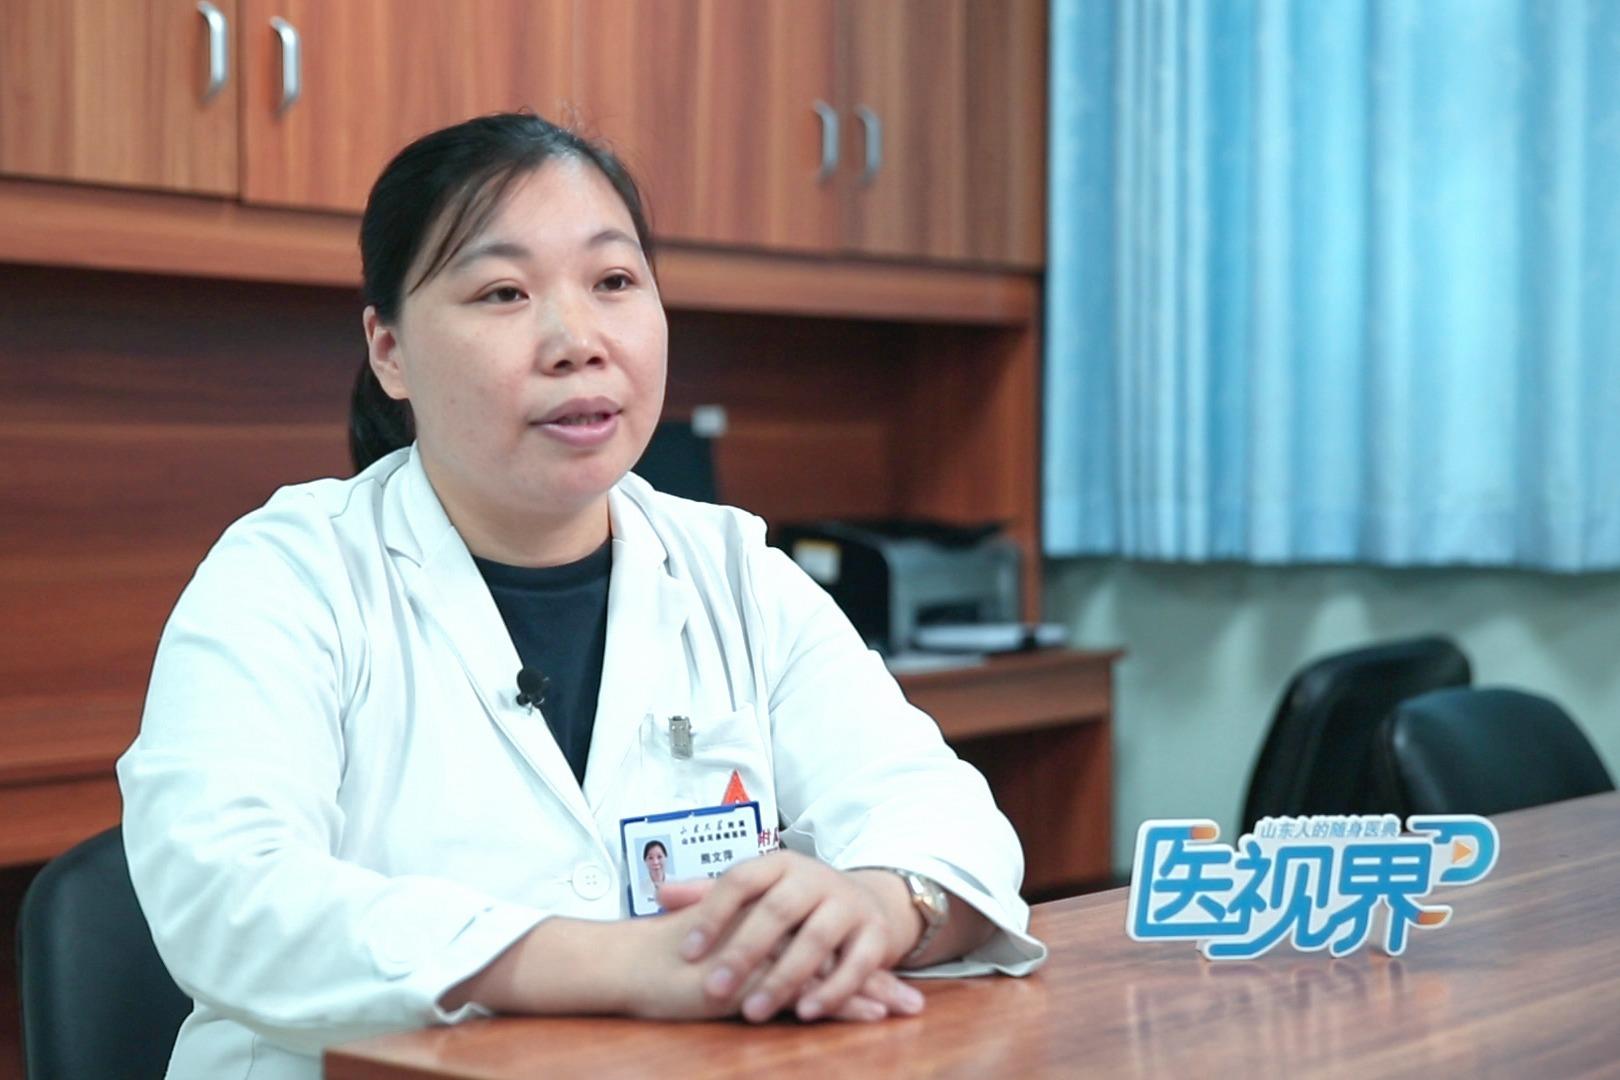 医视界|突发性耳聋患者如何选择助听器?